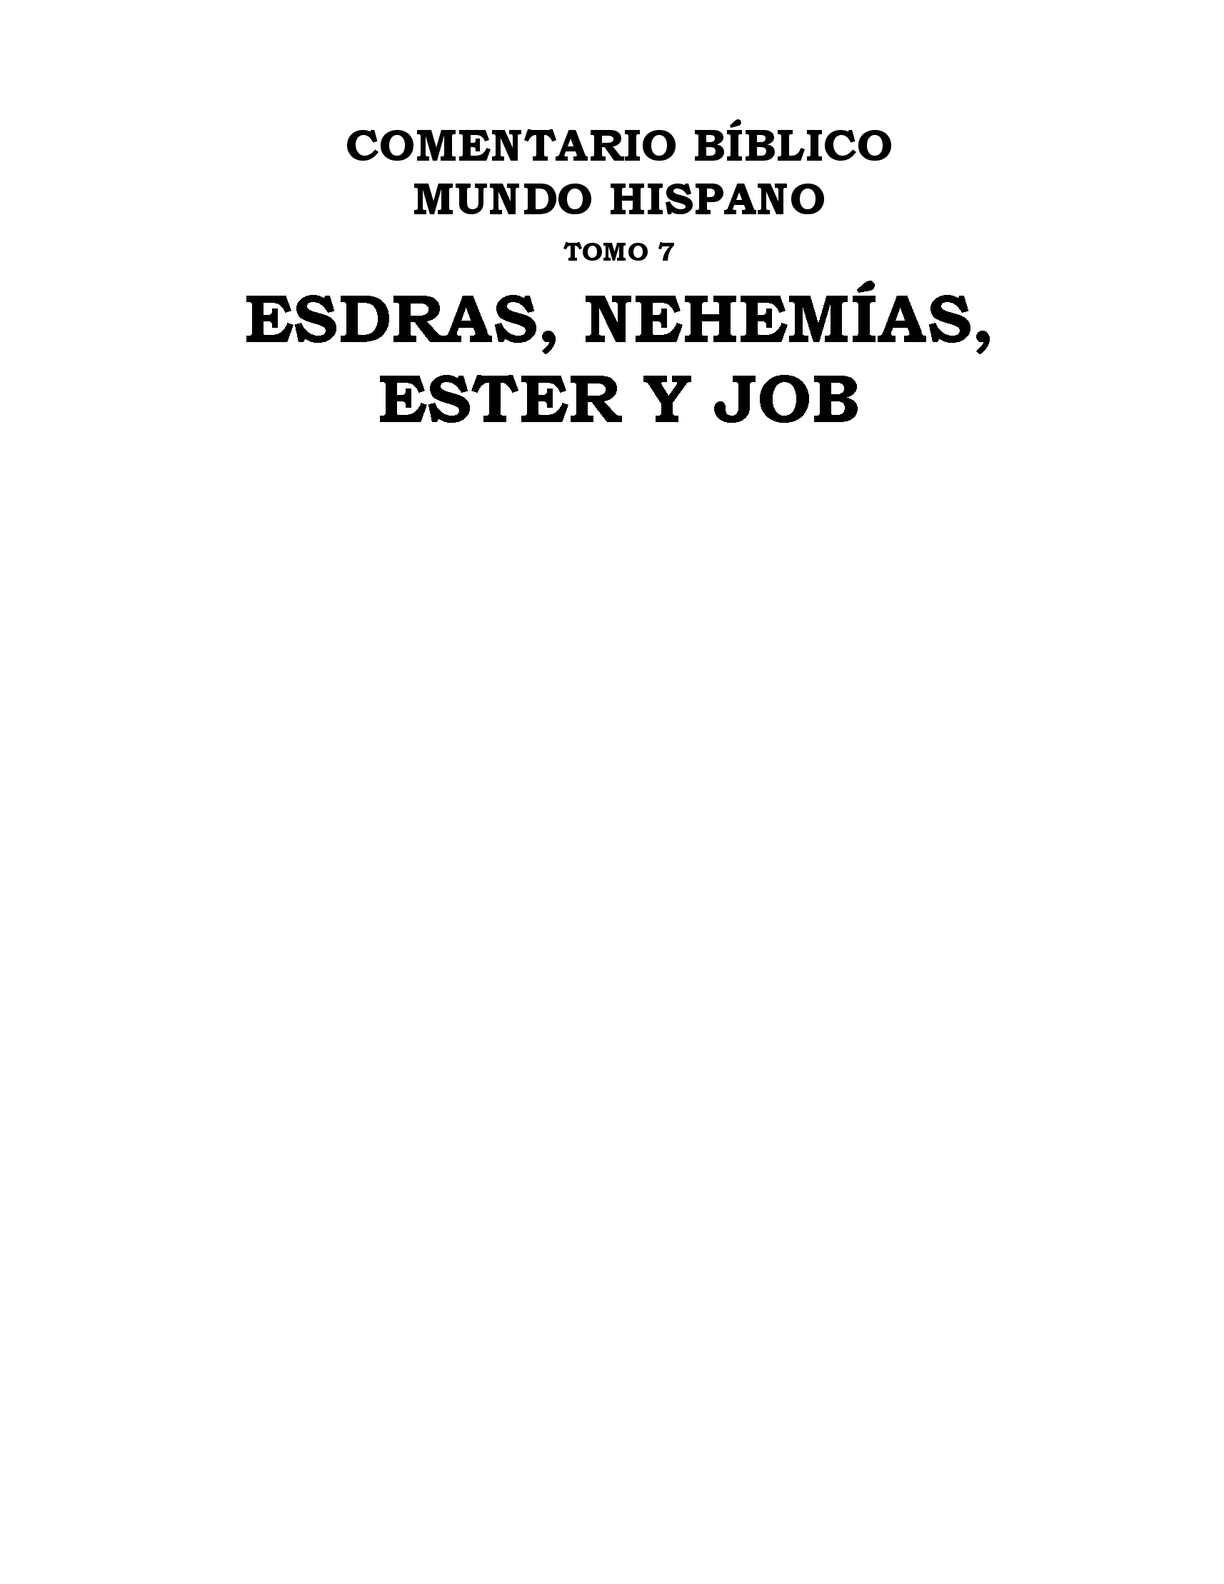 Calaméo - Esdras, Nehemías, Ester y Job. CBMH Tomo 7